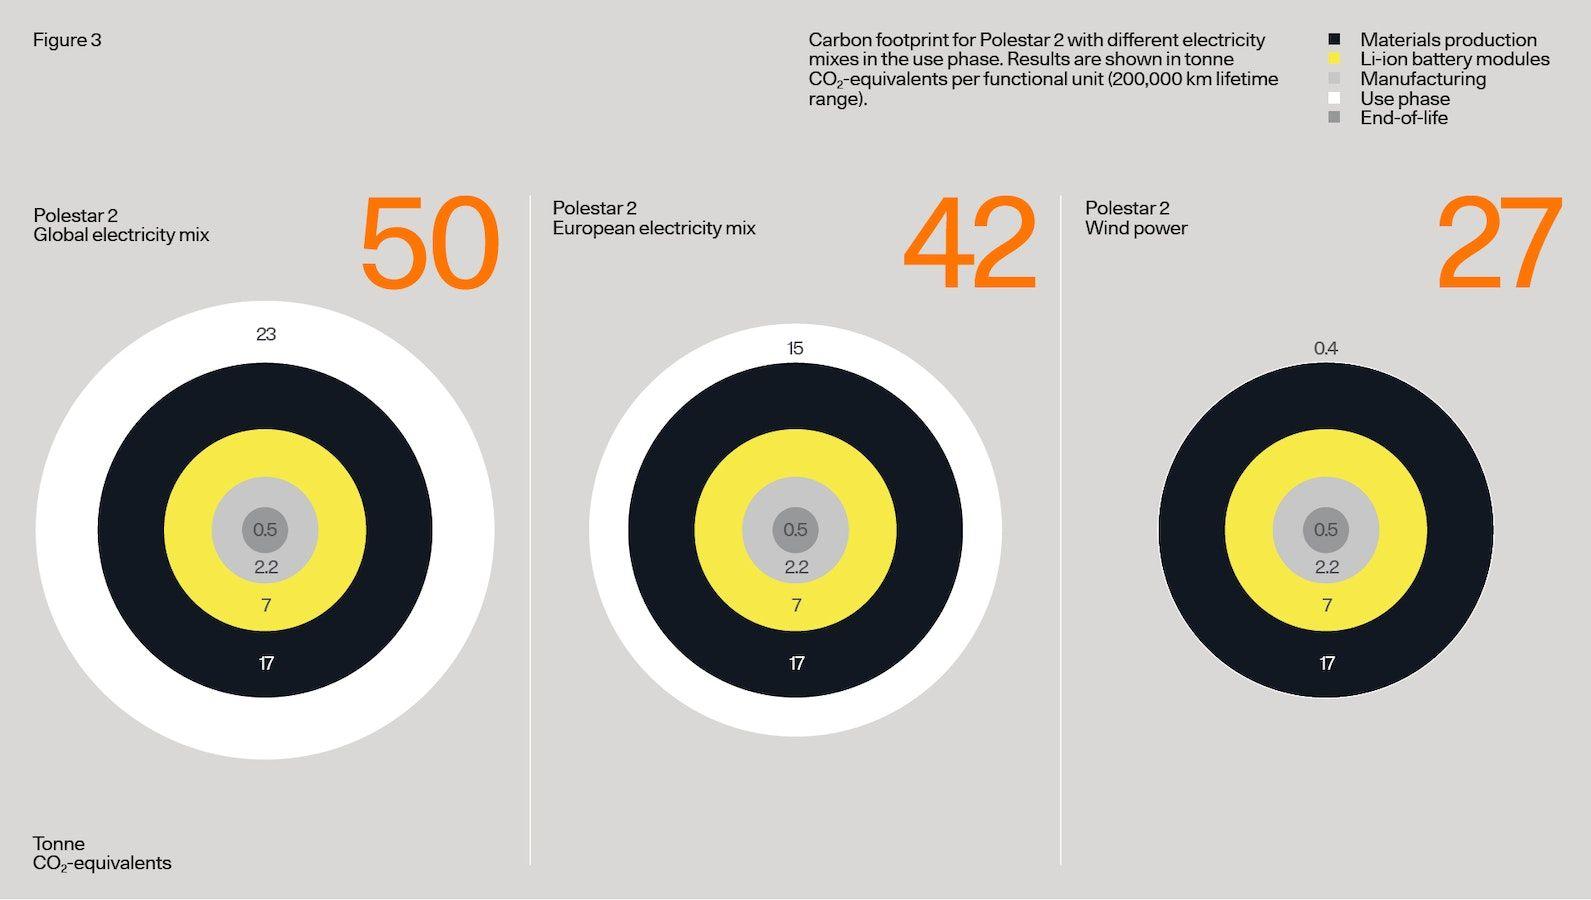 Phase d'utilisation de l'empreinte carbone de l'ACV Polestar 2 par rapport au mix énergétique